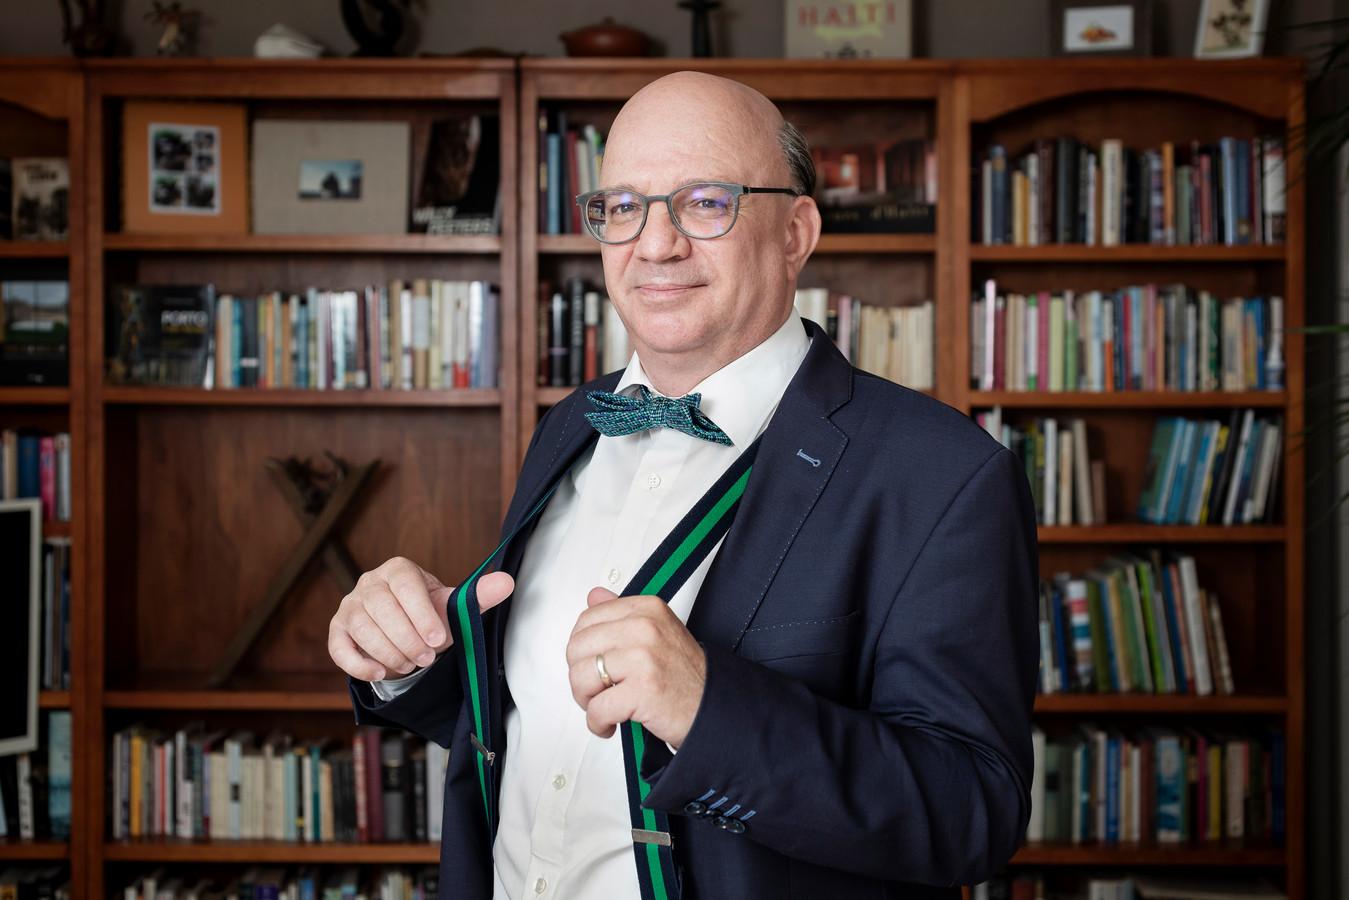 Seksuoloog Erick Janssen.